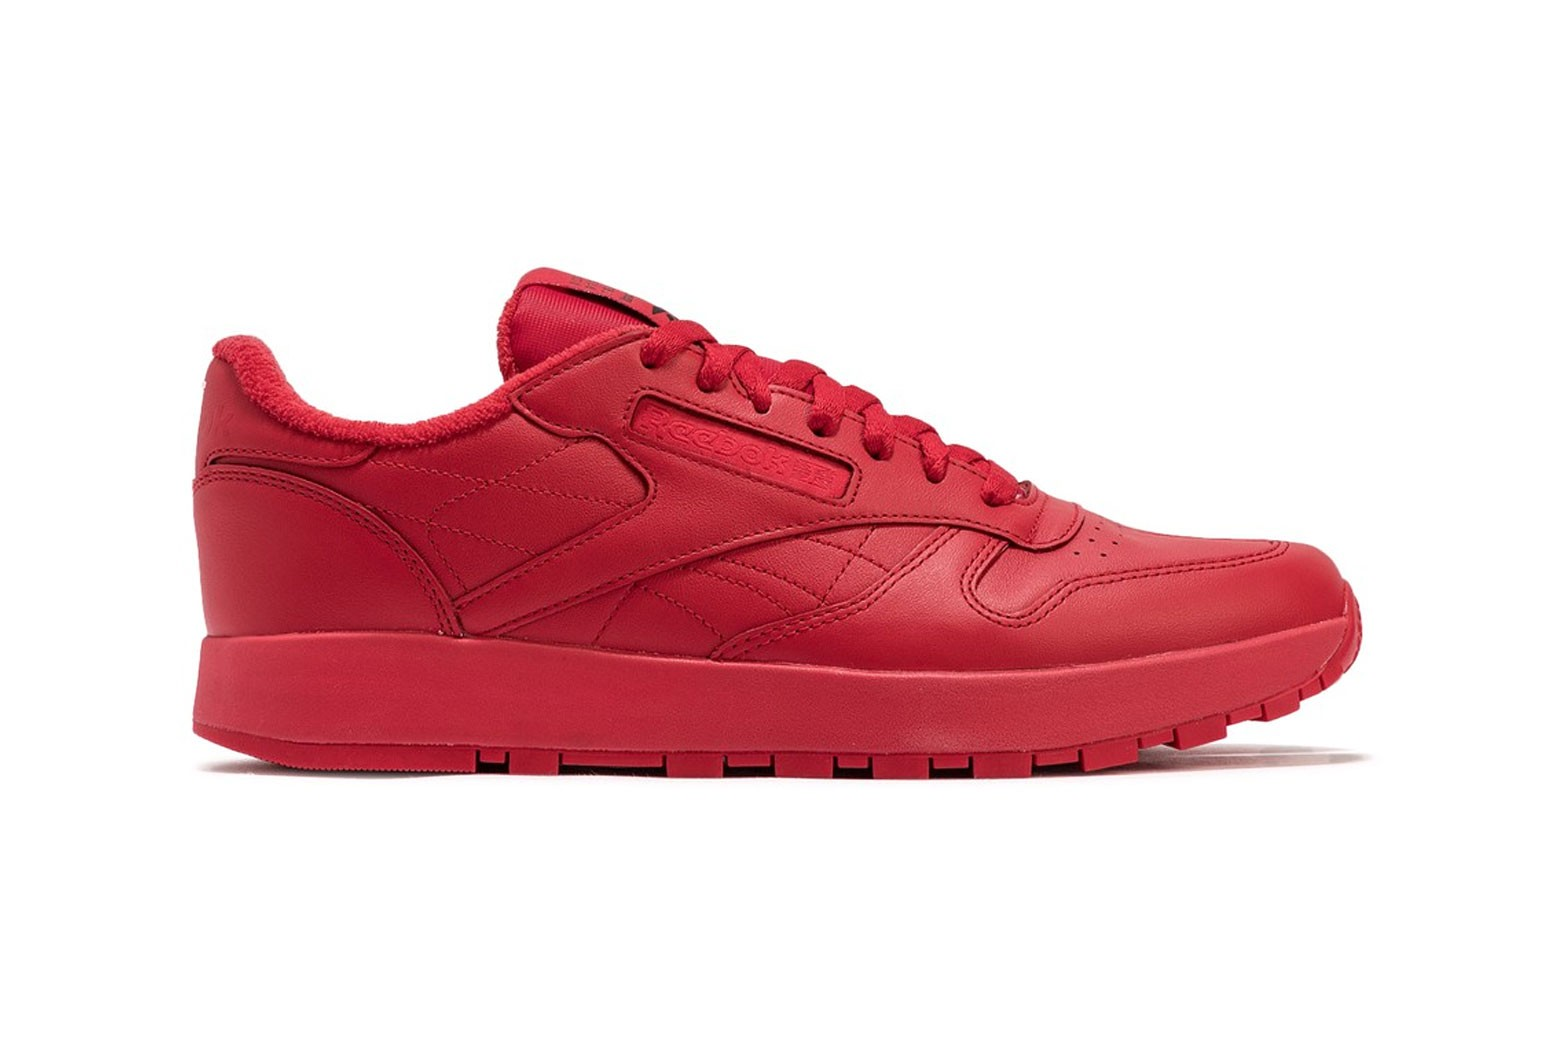 reebok maison margiela tabi red gold chain anklet white socks best summer sneakers womens